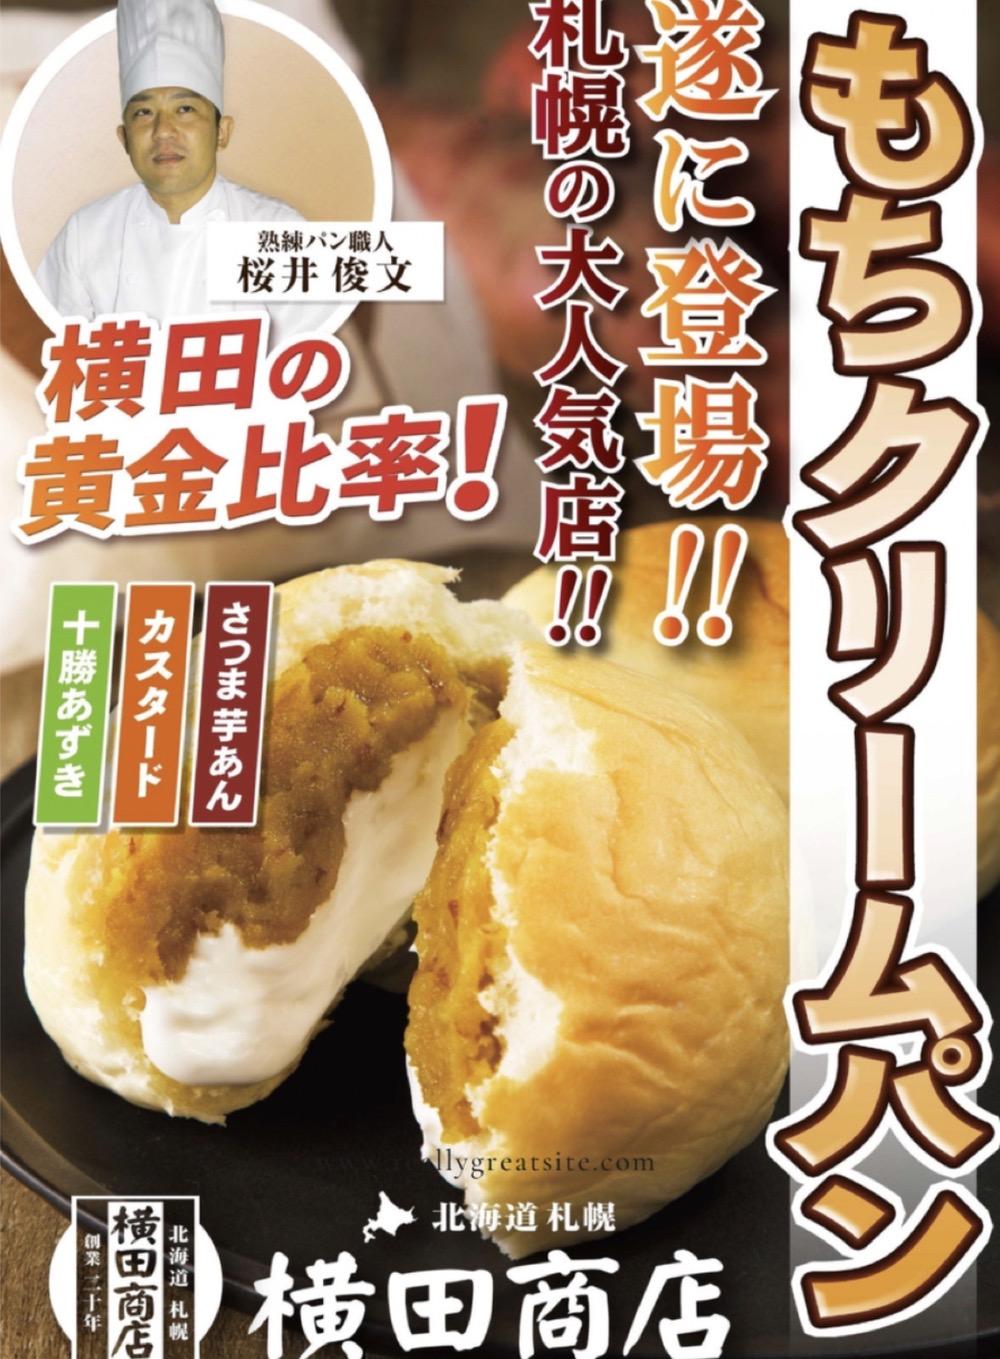 横田商店がゆめタウン久留米に期間限定オープン!北海道札幌市 行列のできるもちクリームパン